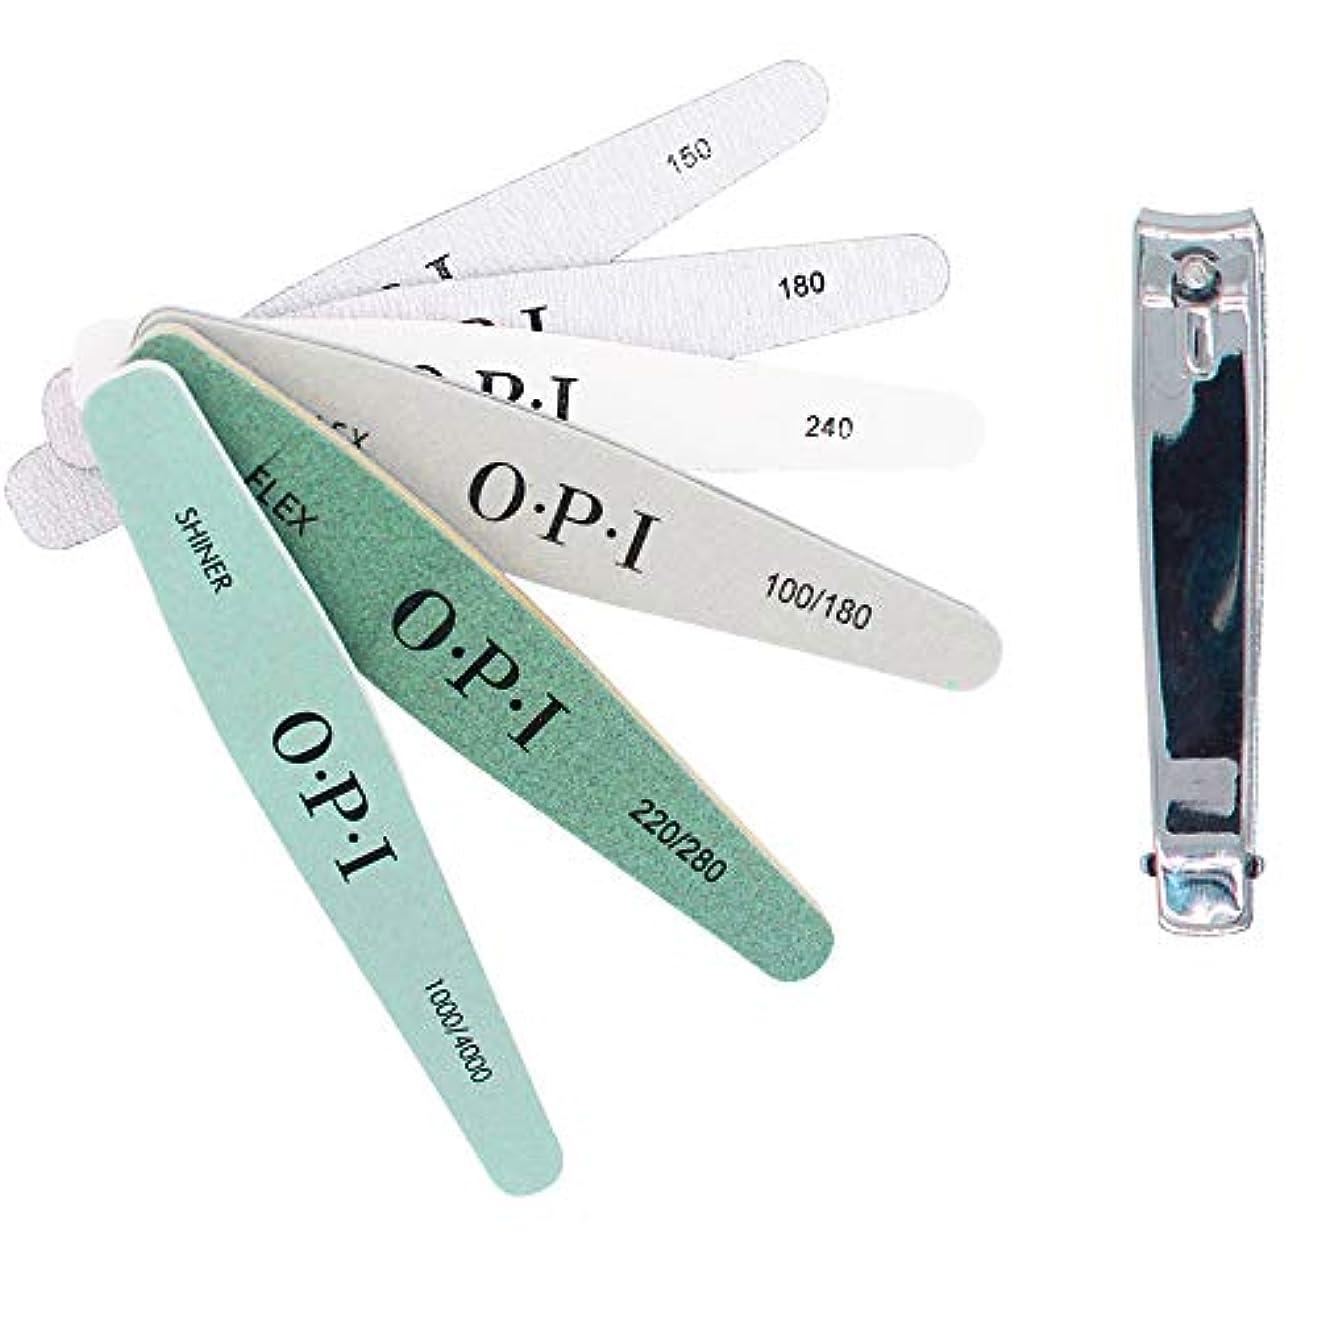 意識と闘う胴体KINYOOOスポンジファイル、爪やすり、ネイルをつやつやに、のネイルツール、 150/180/200/240/280/1000/4000と(1 PCSメタルネイルはさみ)、ネイルケア用化粧マニキュアペディキュアセット。